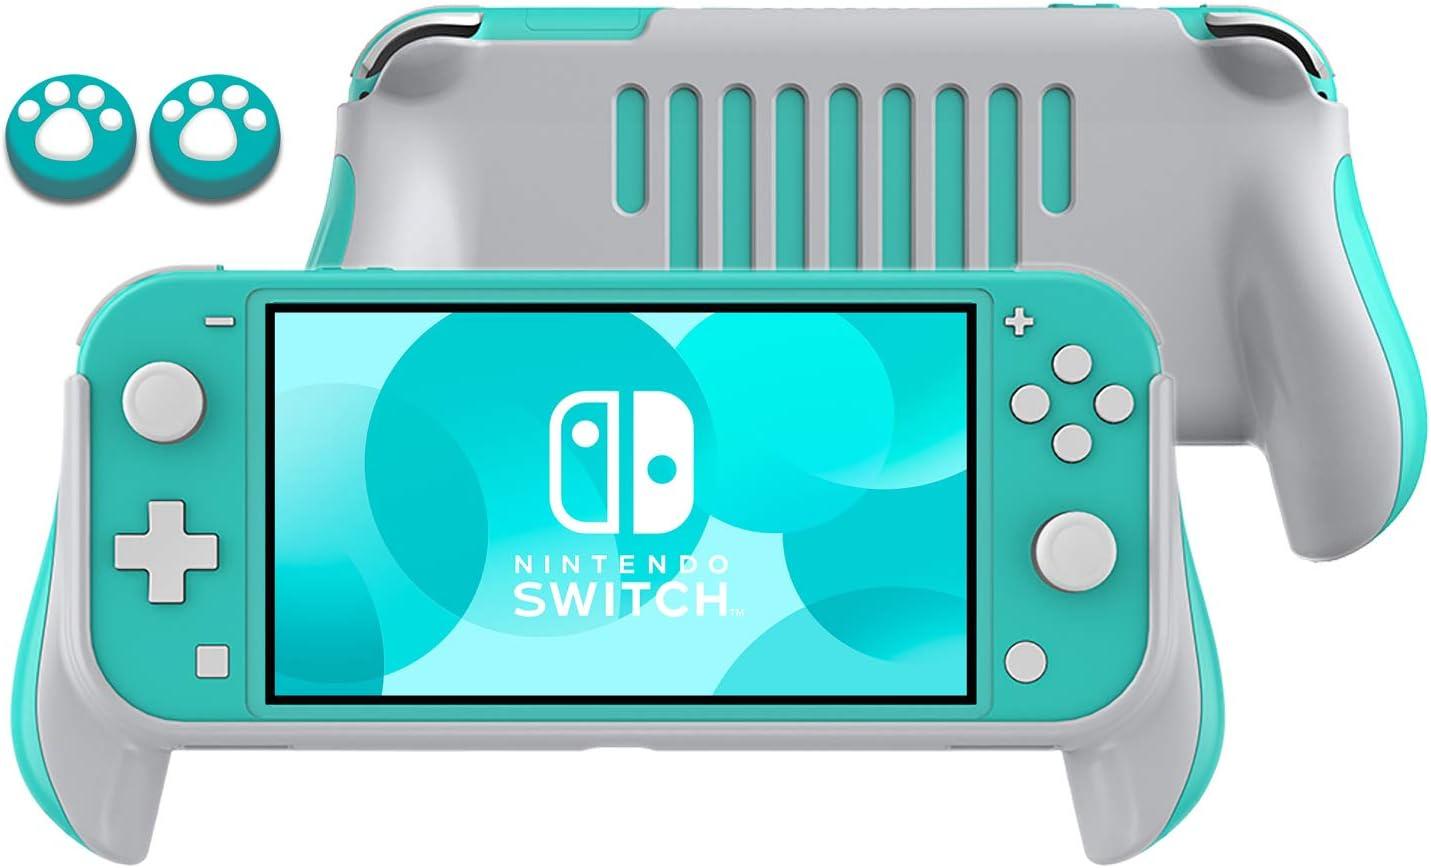 Lammcou Soporte de mango para empuñaduras Nintendo Switch Lite y tapas de agarre para pulgar Cat Claw Design Nintendo Switch Lite Grips - azul: Amazon.es: Videojuegos